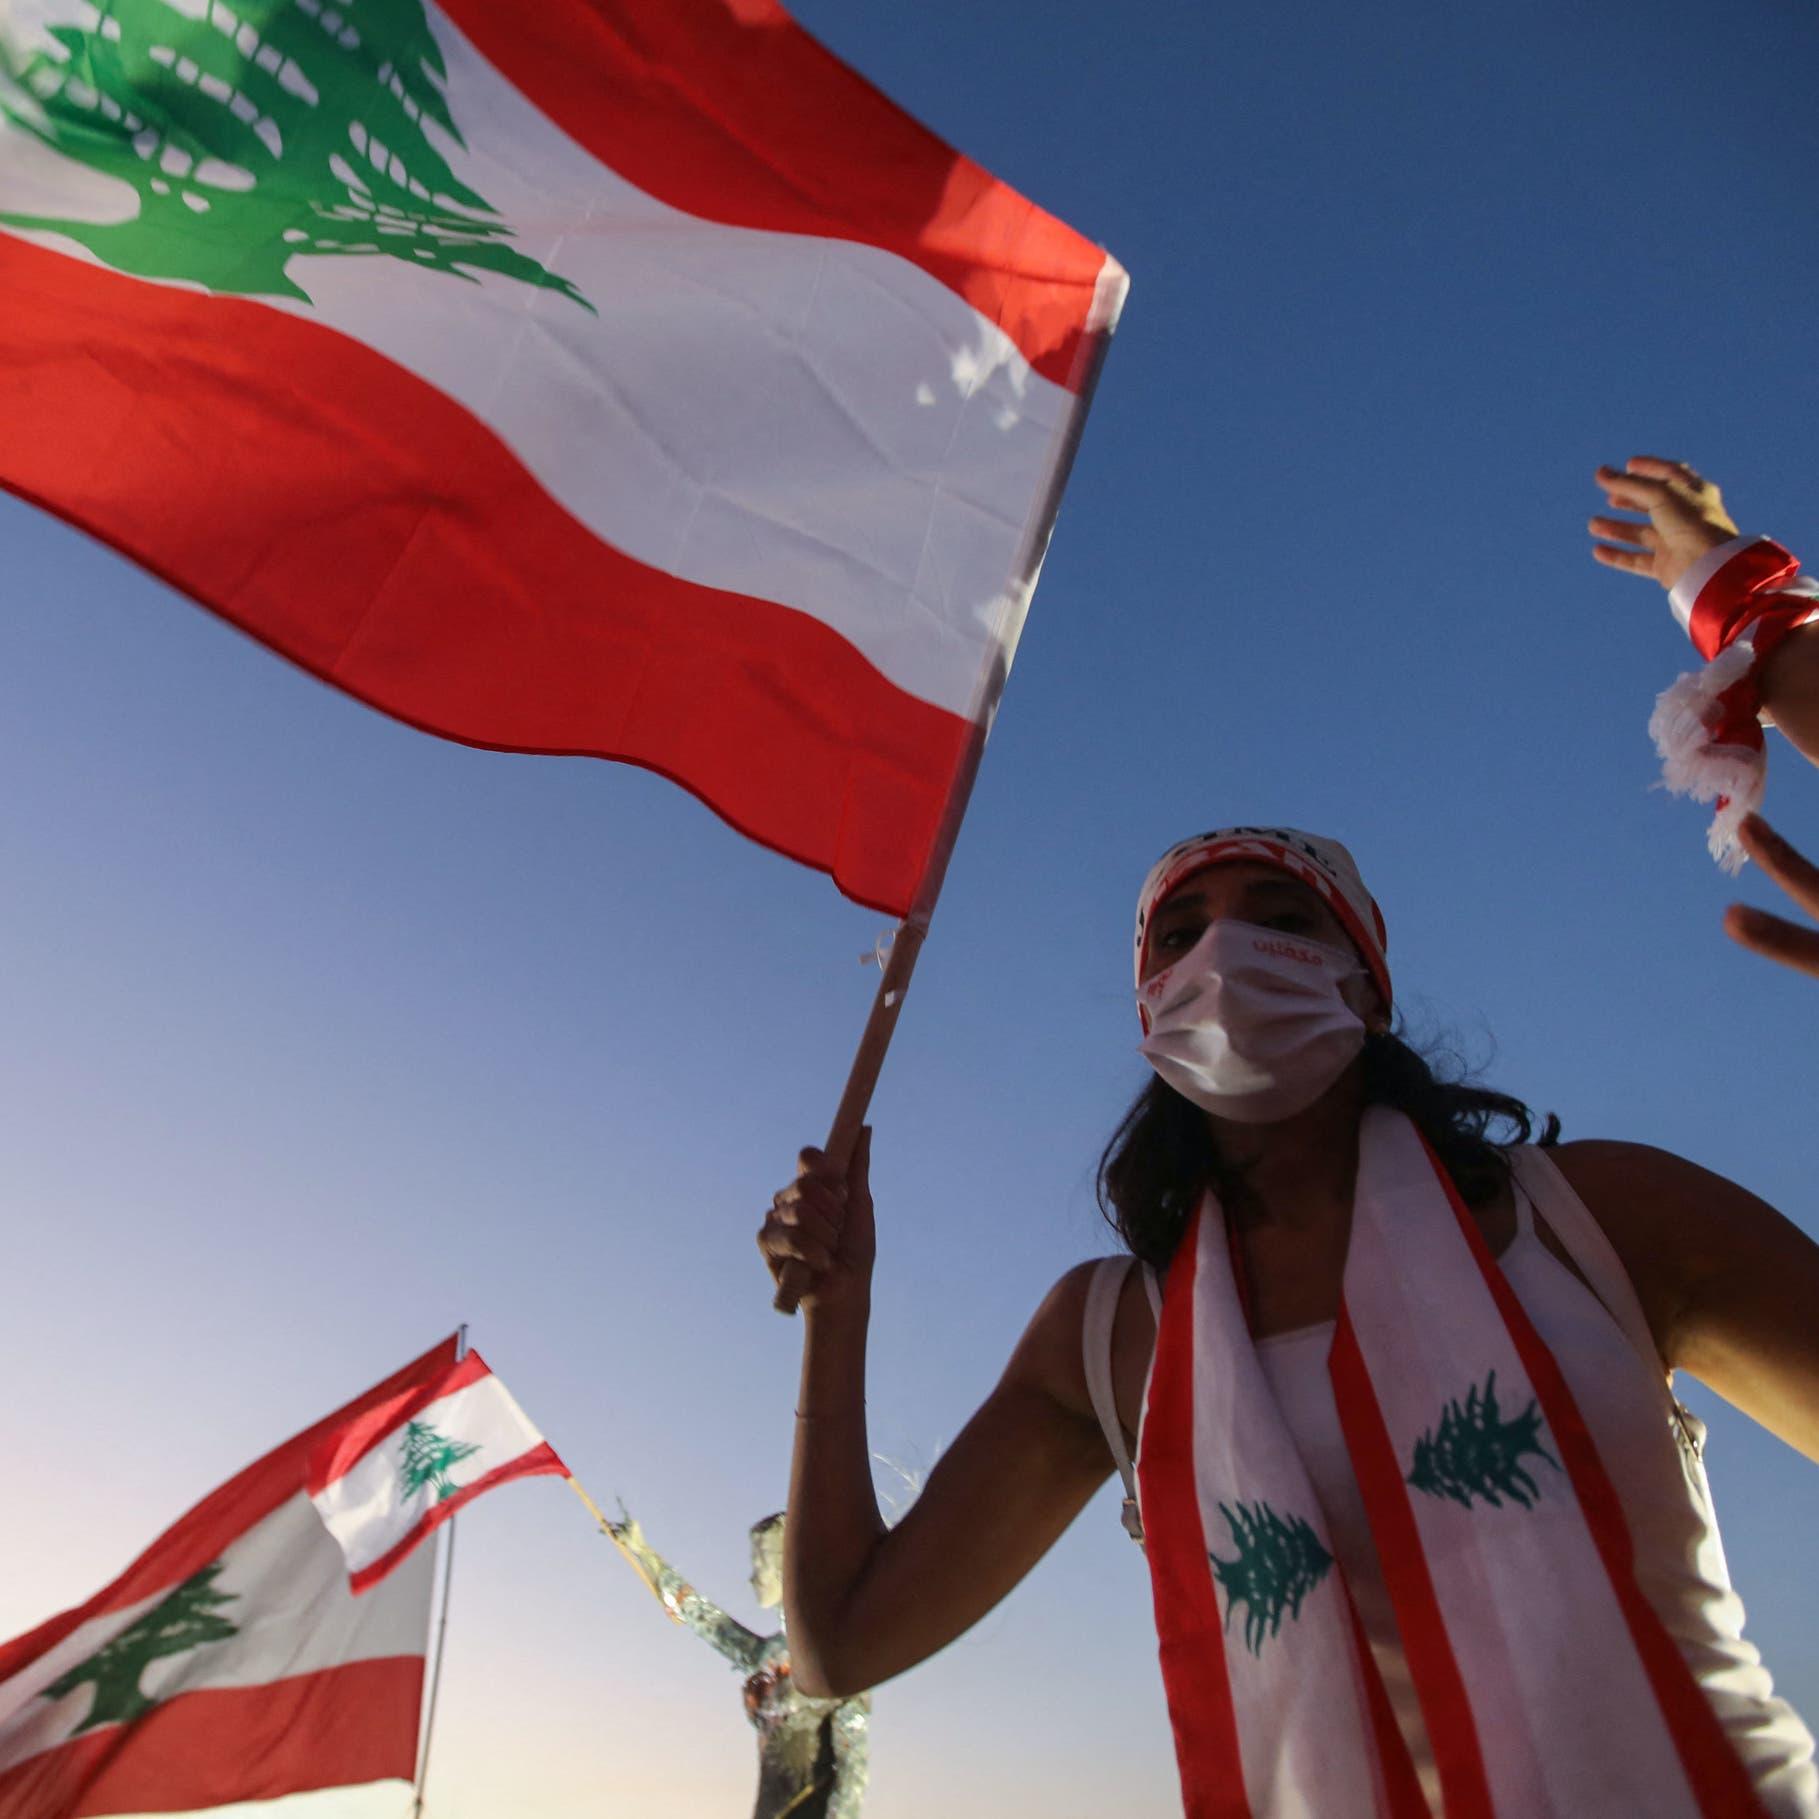 مؤتمر باريس حول لبنان.. رسالة واضحة للسياسيين ومحاولة لإنقاذ الاقتصاد